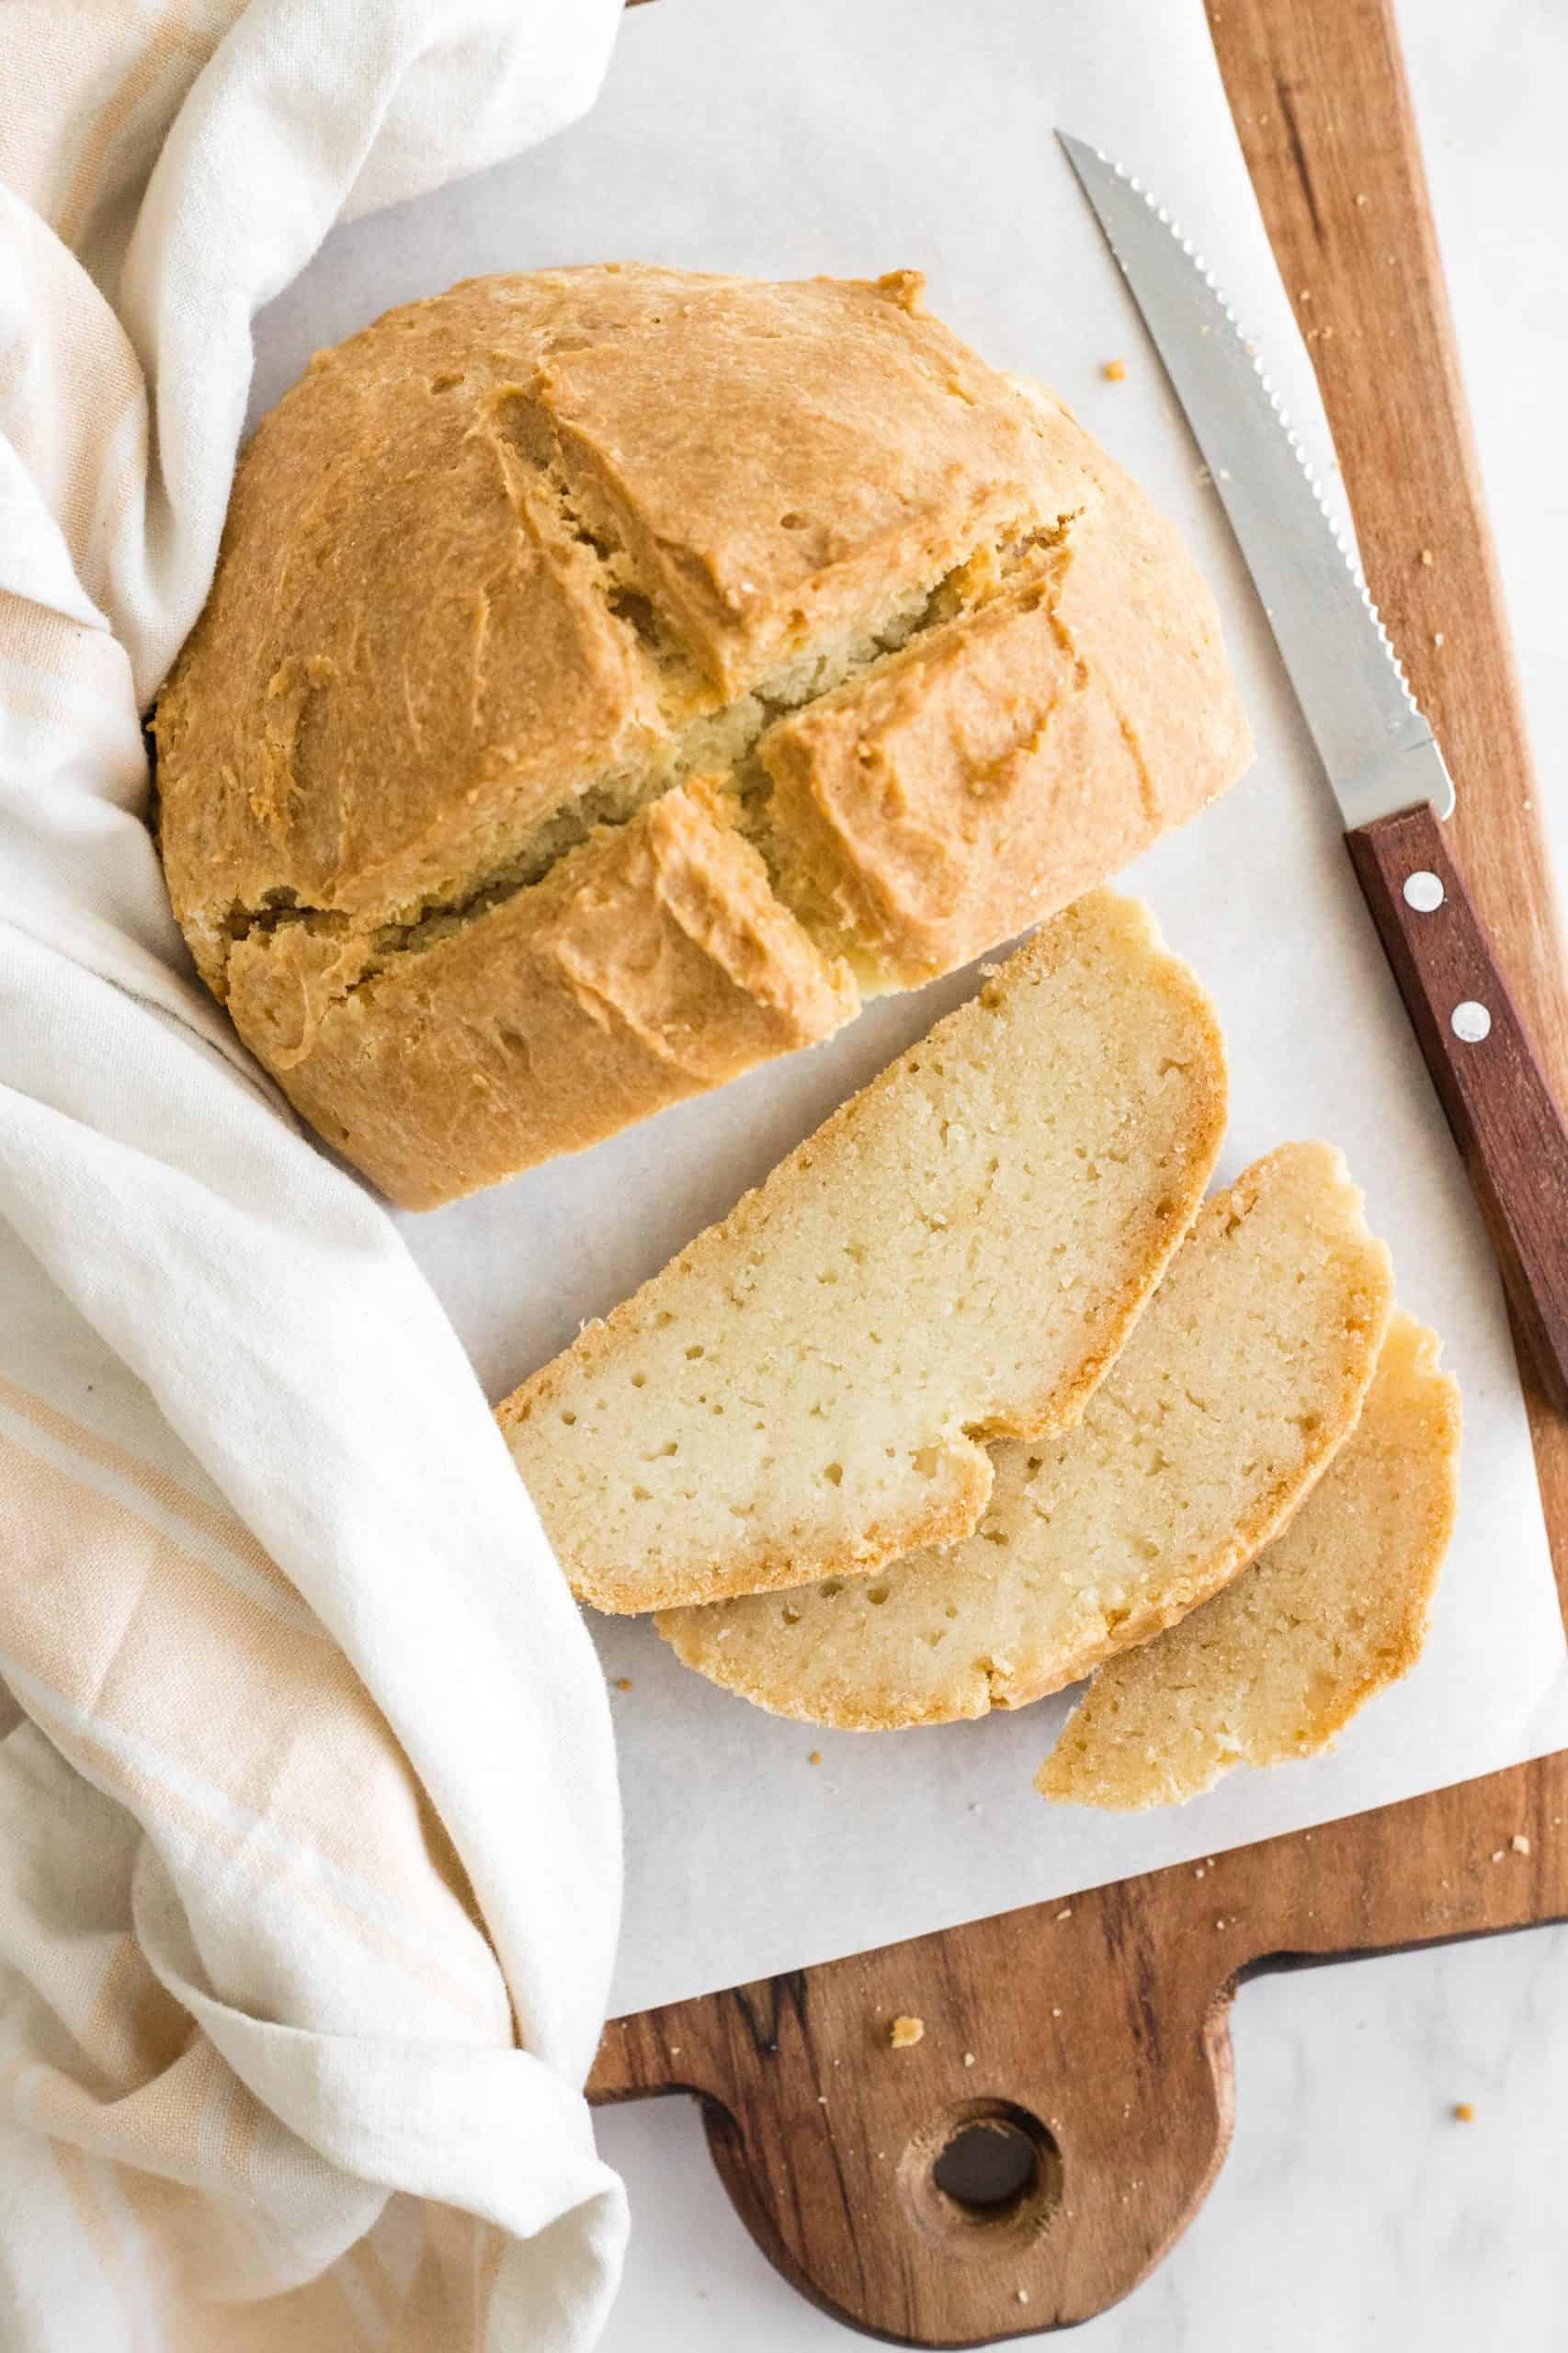 Sliced soda bread on a wooden board.